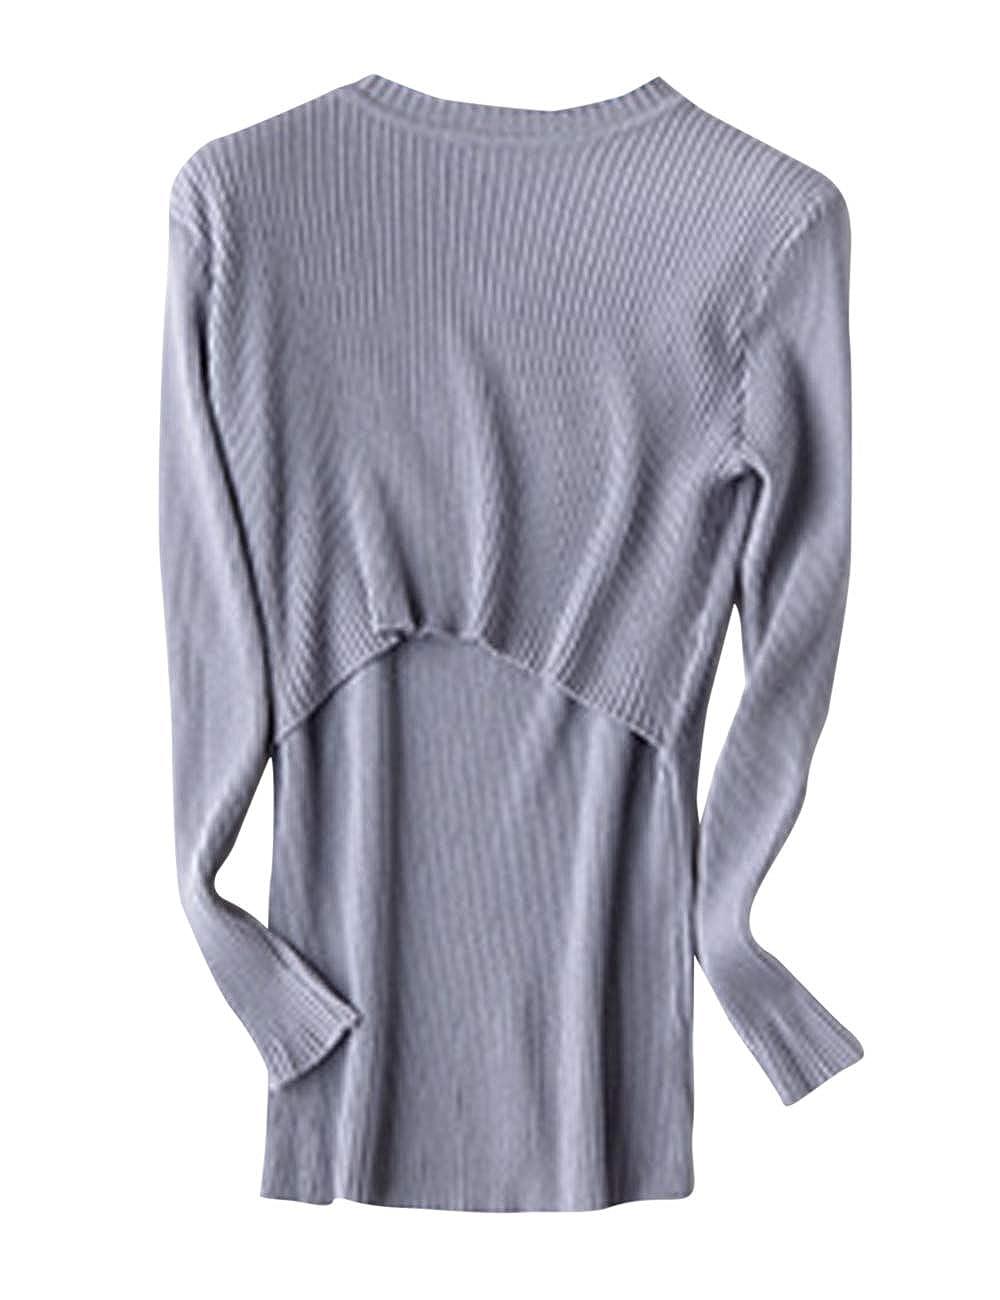 A-Shirt Tops Komfort Einheitsgröße Frauen Mutterschaft Stillen Pflege T-Shirt